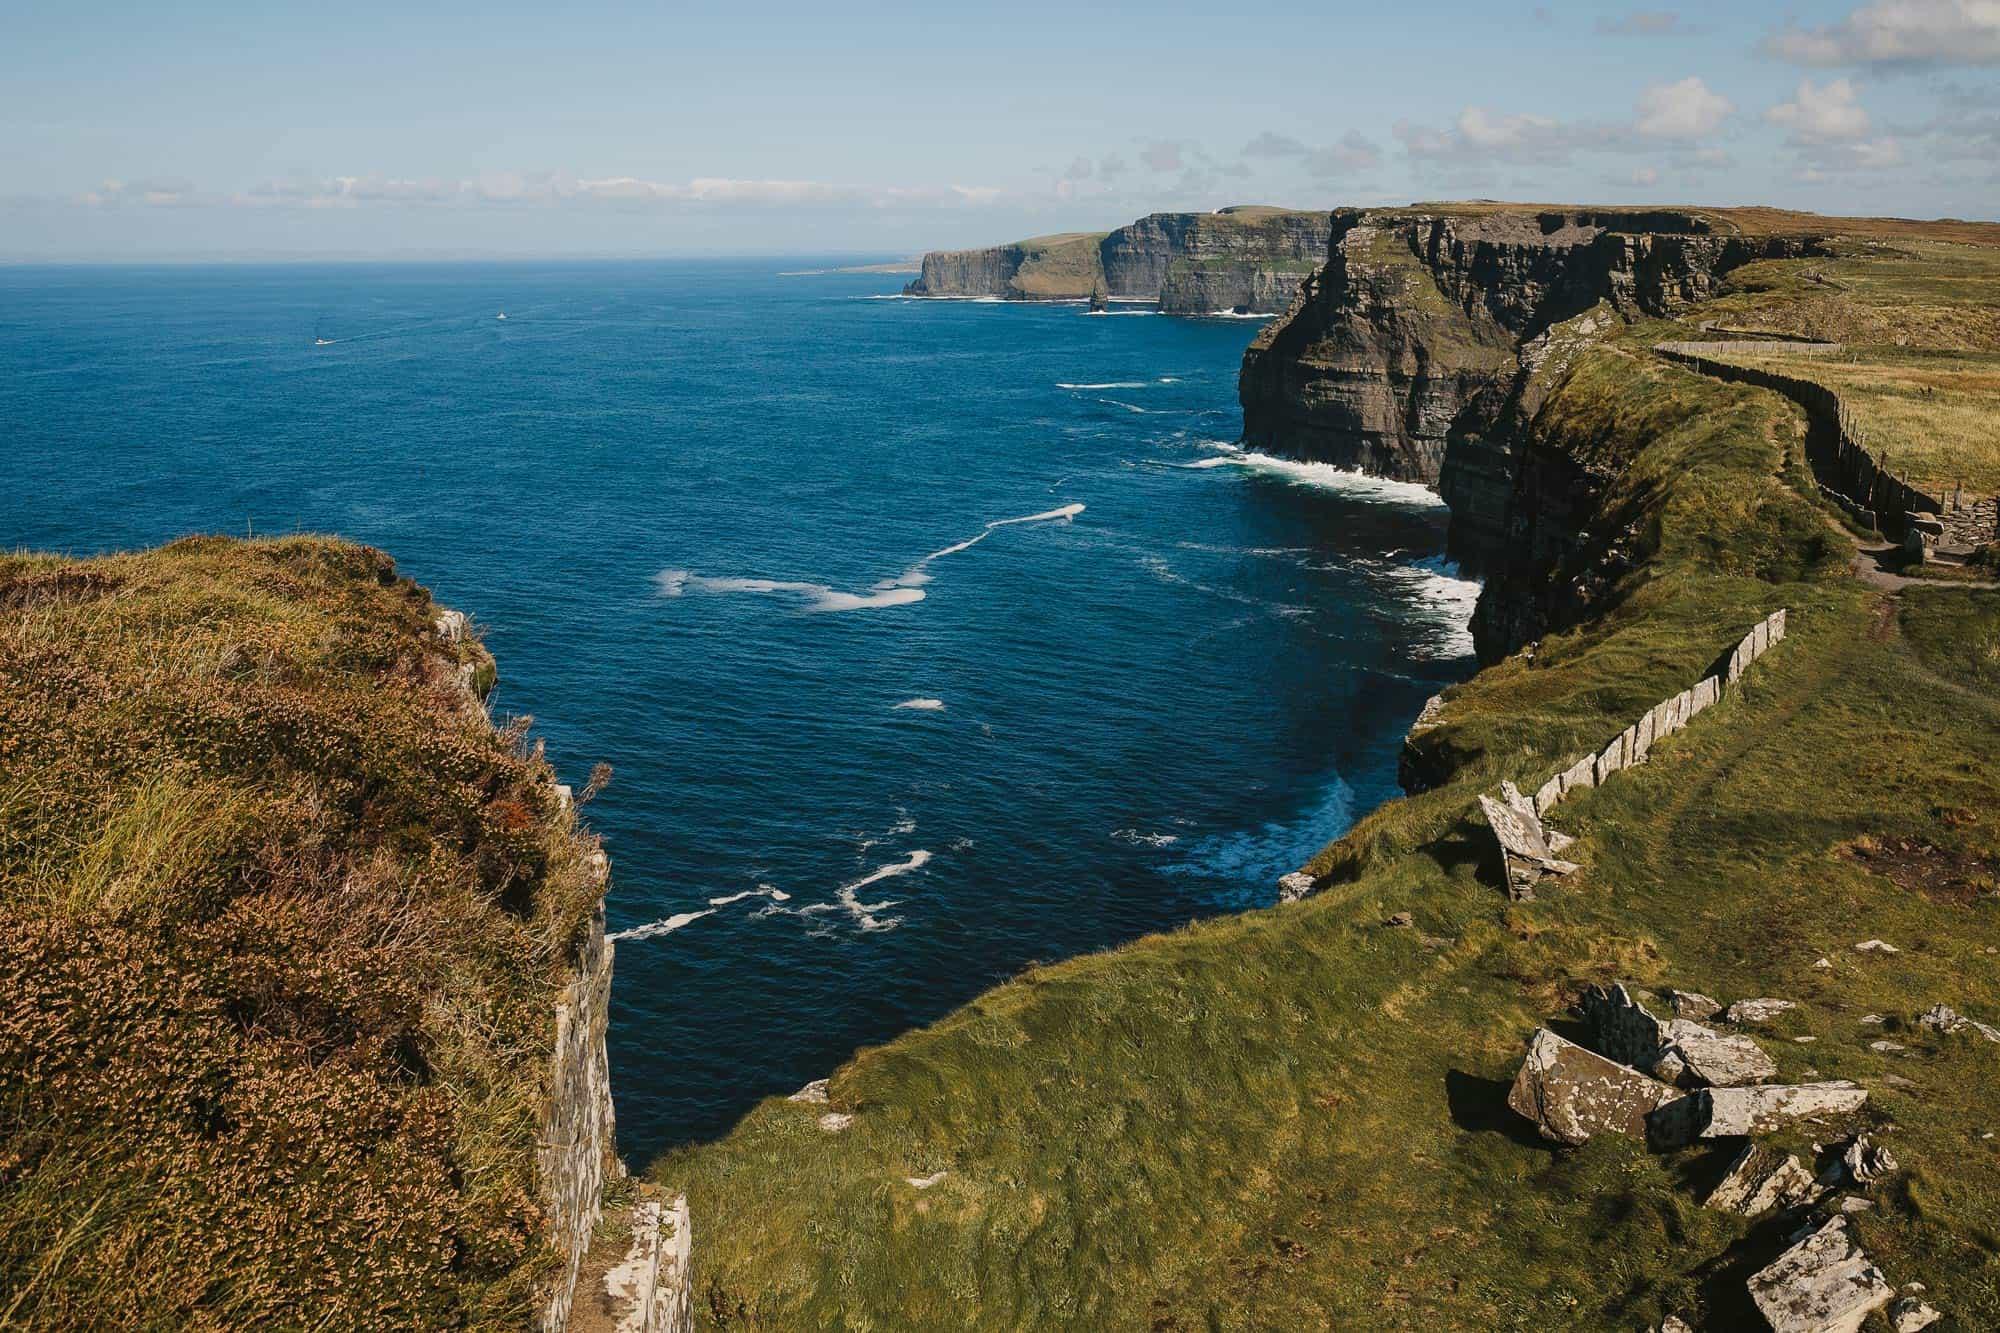 Cliffs of Moher Elopement Cliffs